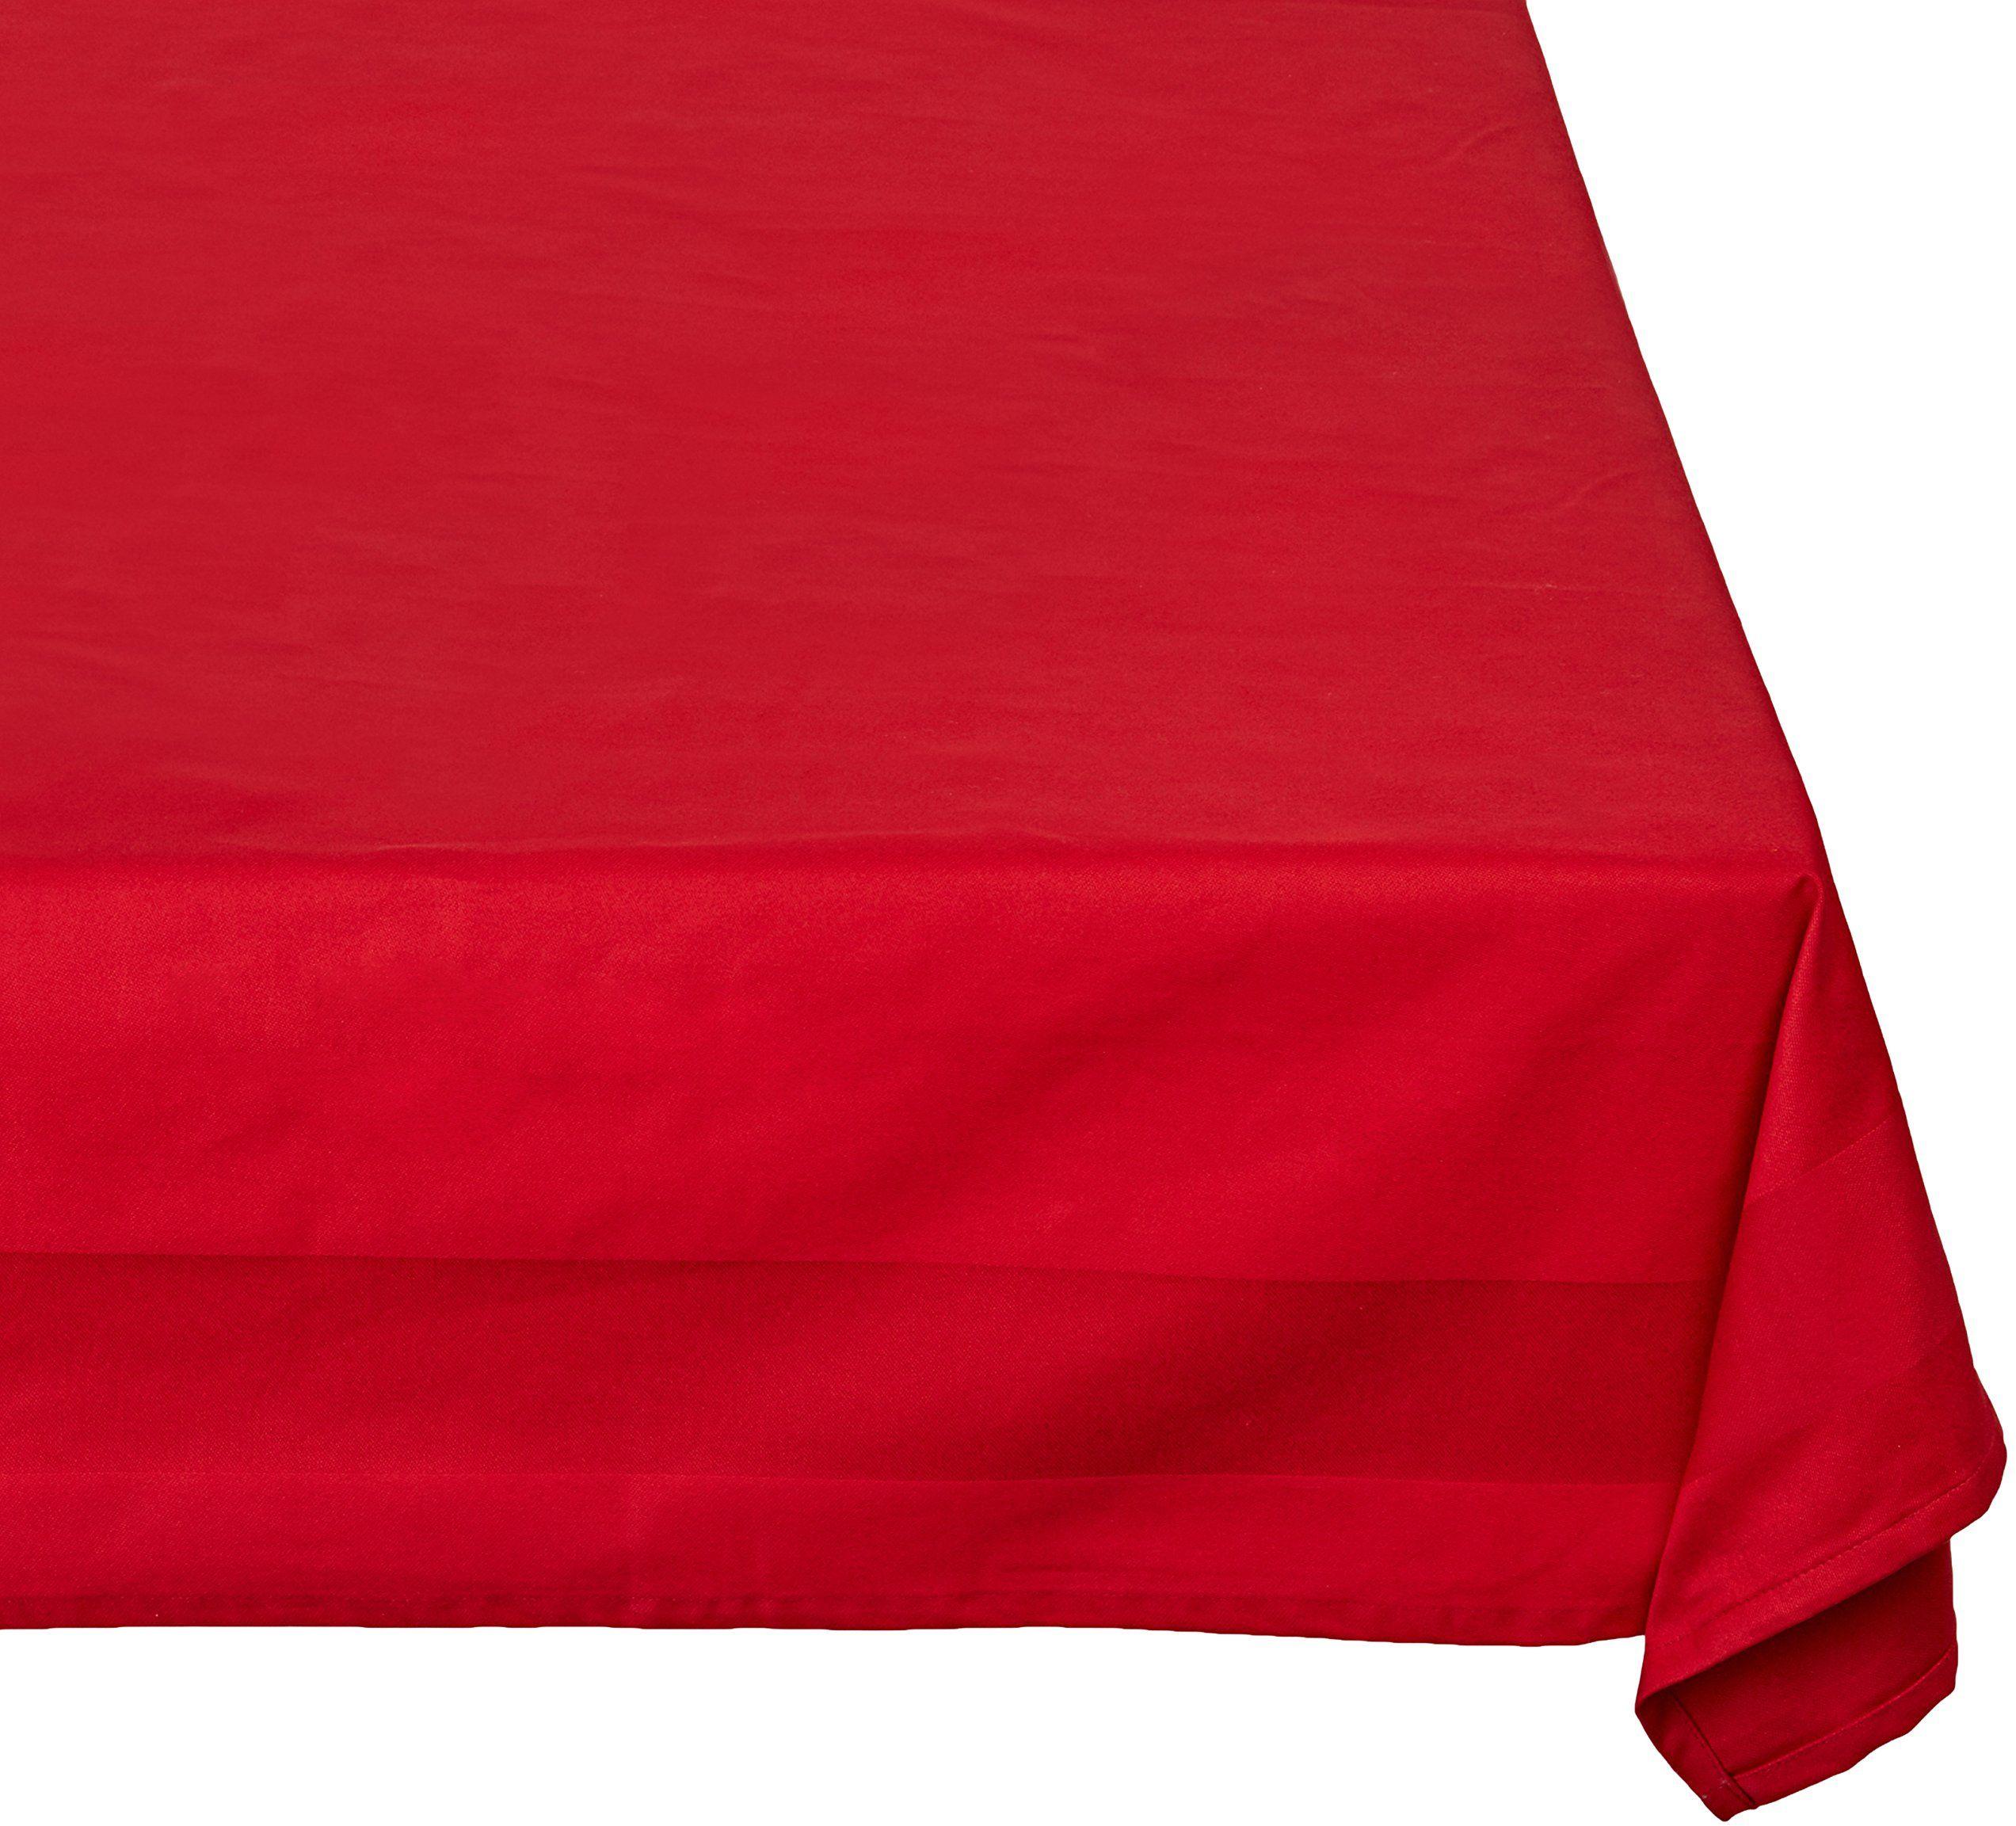 Calitex Taśma satynowa obrus bawełna czerwony 300 x 150 cm